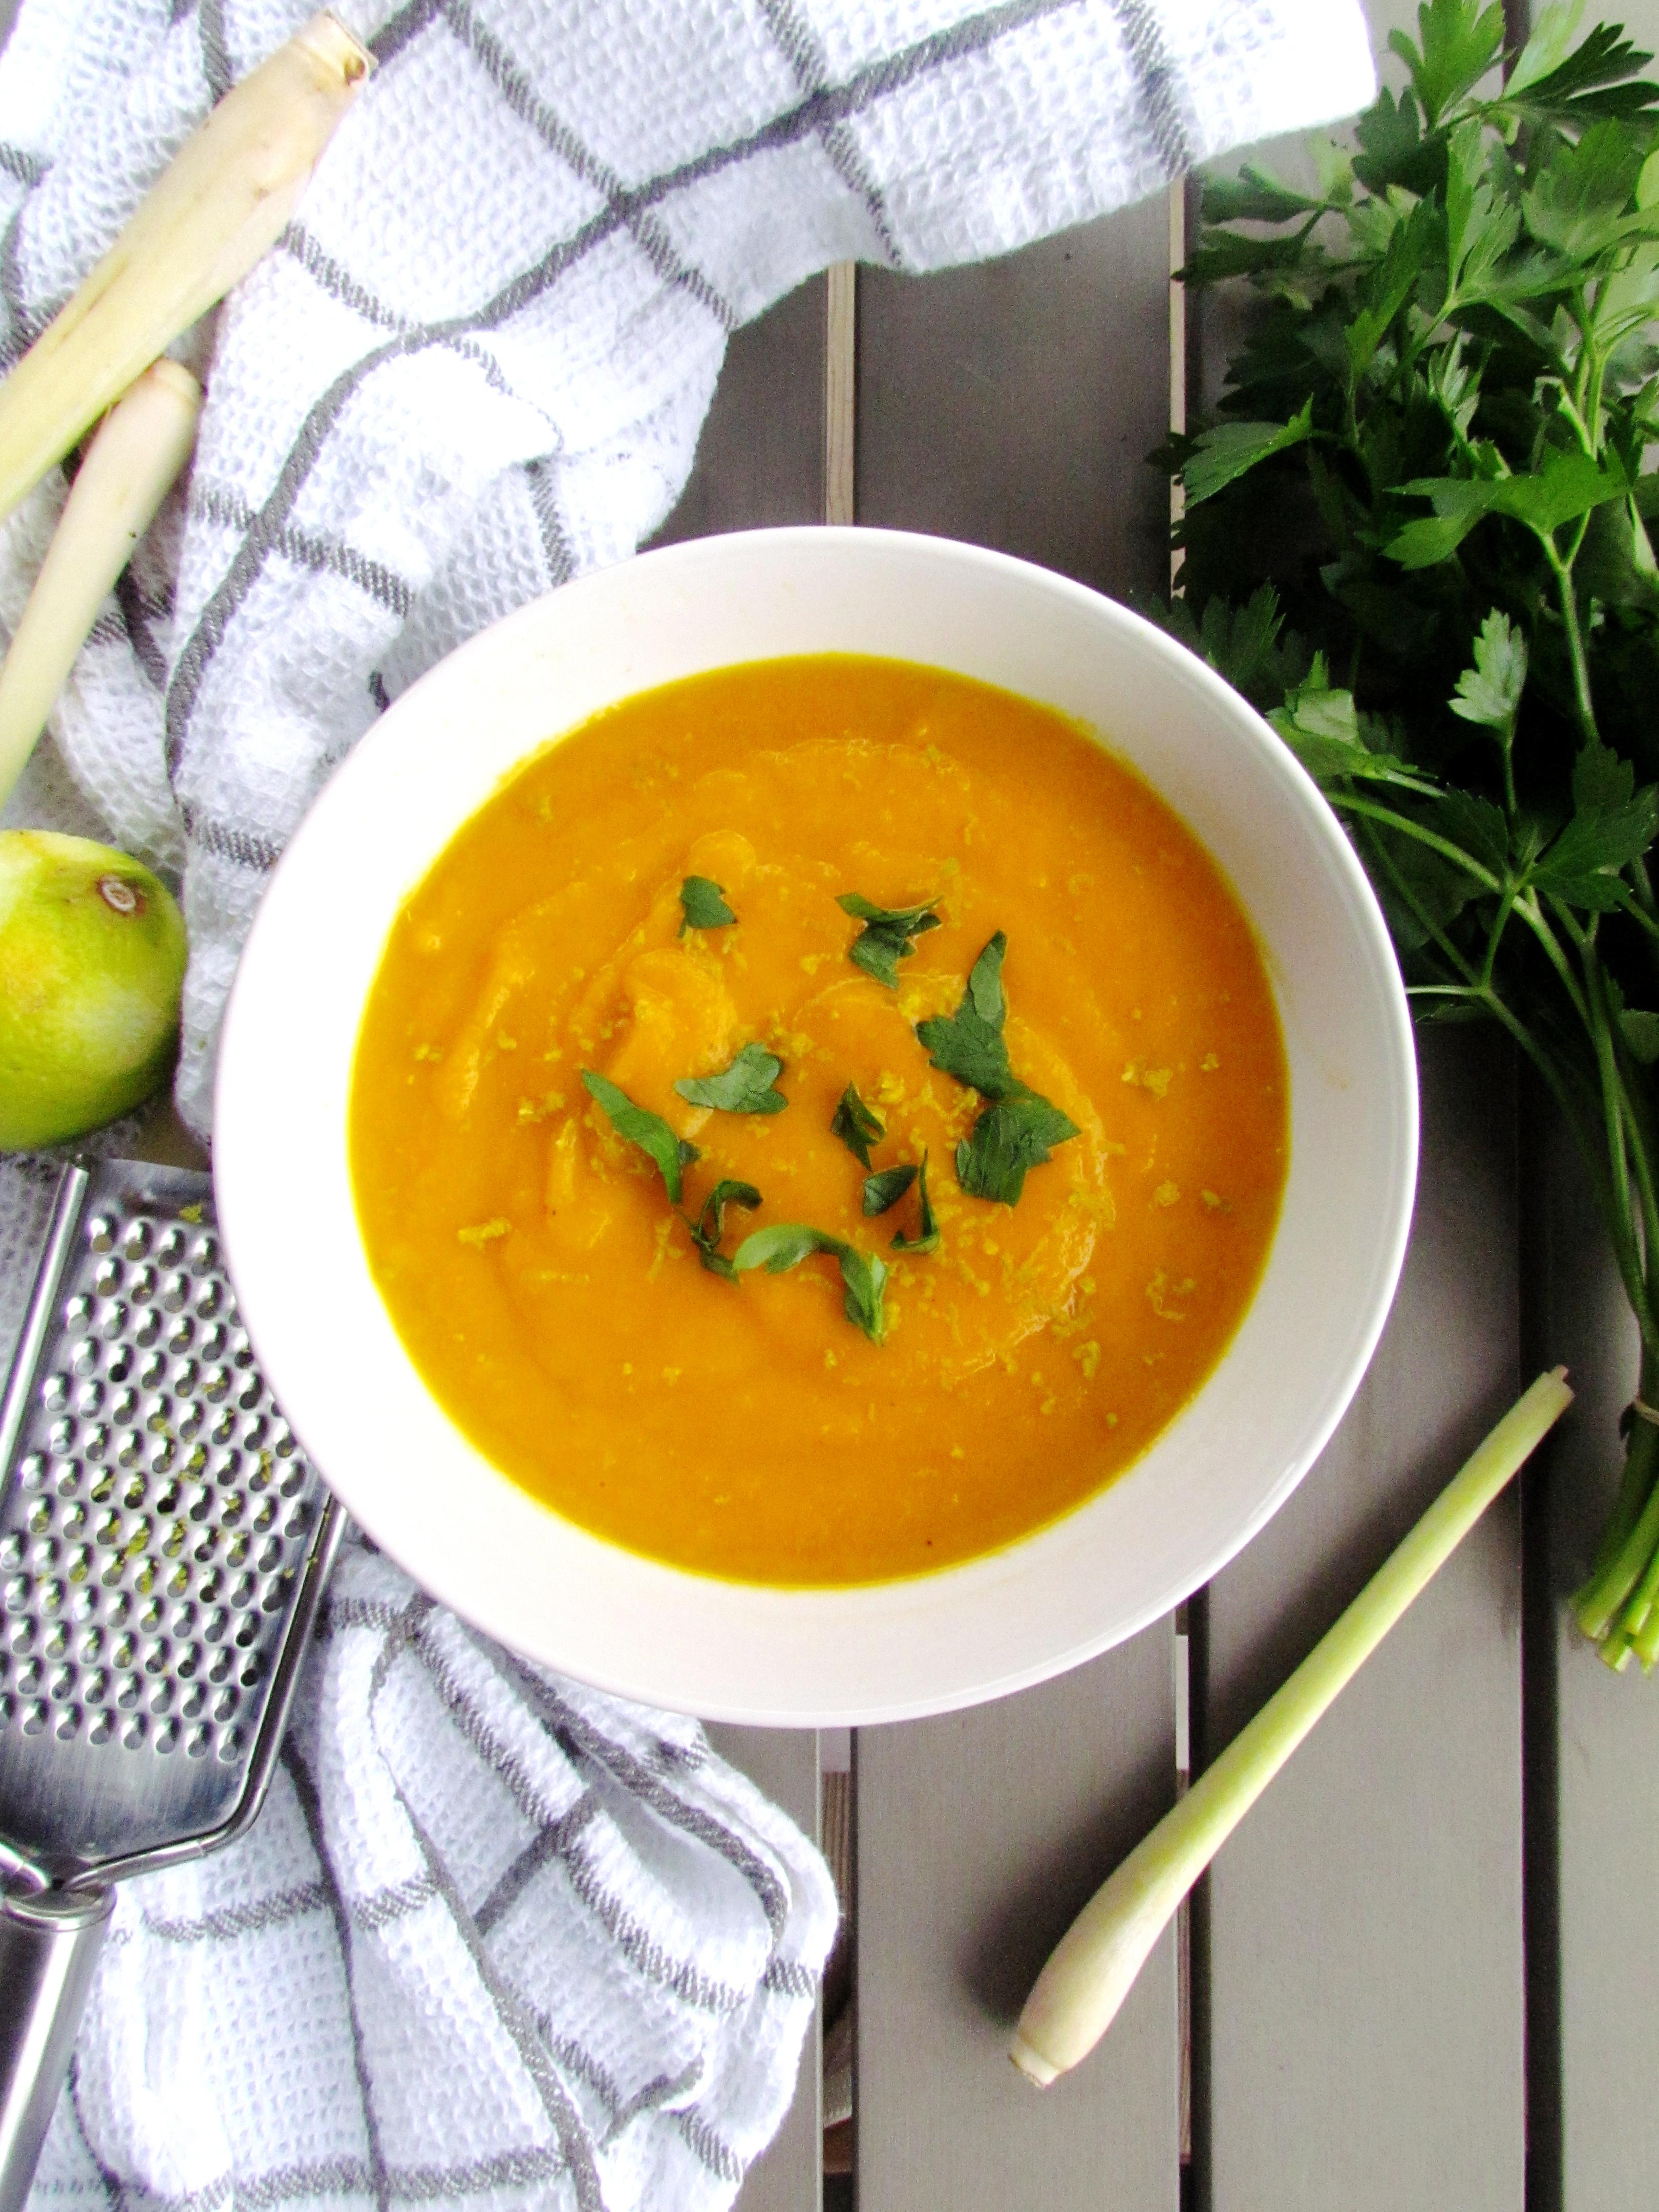 soupe de carottes asiatique à la noix de coco et citronnelle